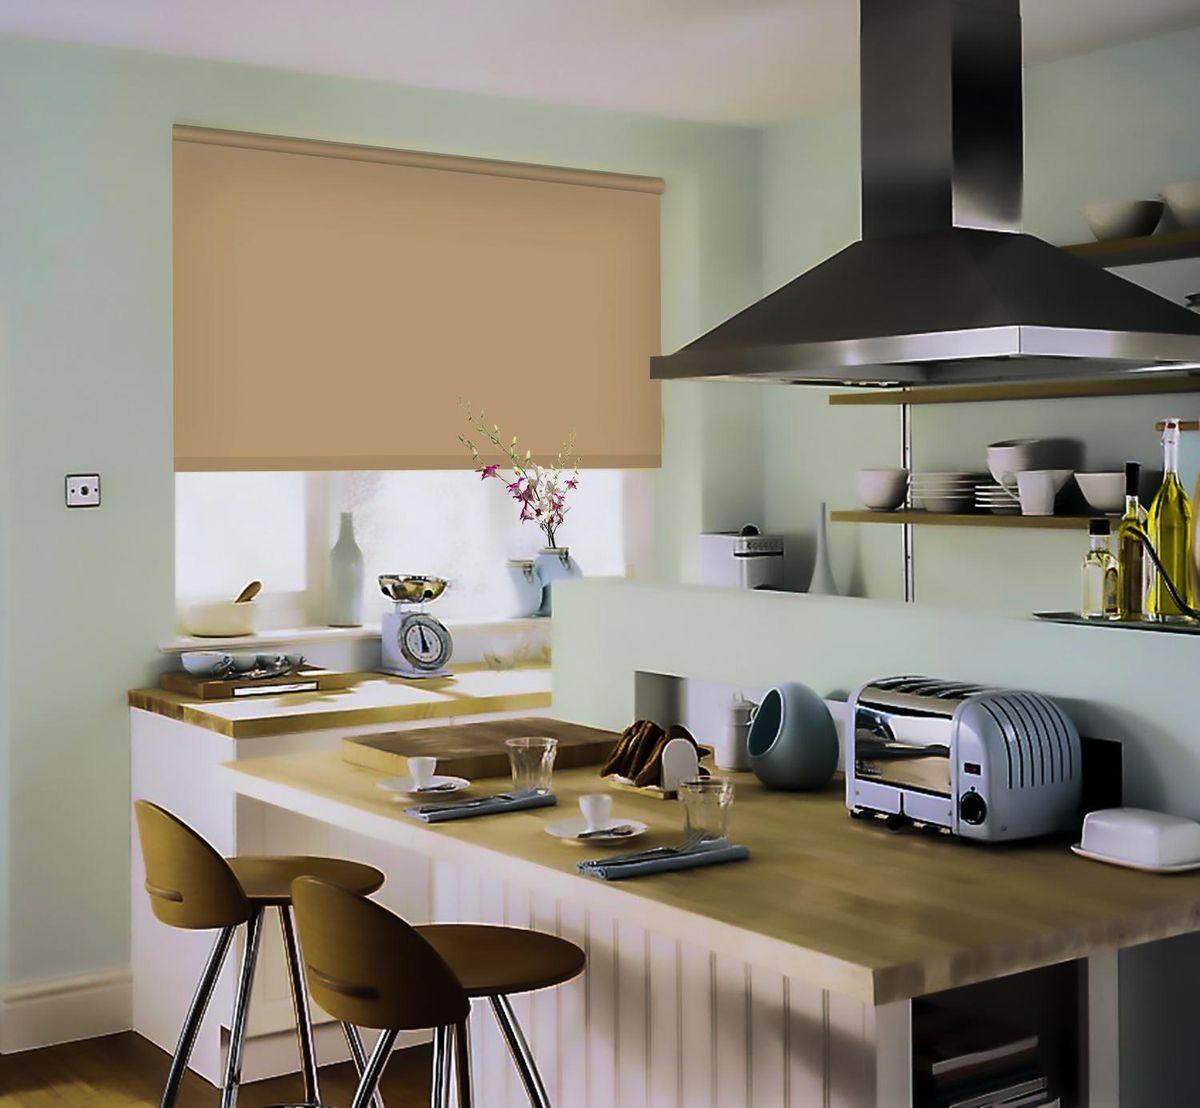 Штора рулонная Эскар, цвет: темно-бежевый, ширина 80 см, высота 170 см81209080170Рулонными шторами можно оформлять окна как самостоятельно, так и использовать в комбинации с портьерами. Это поможет предотвратить выгорание дорогой ткани на солнце и соединит функционал рулонных с красотой навесных. Преимущества применения рулонных штор для пластиковых окон: - имеют прекрасный внешний вид: многообразие и фактурность материала изделия отлично смотрятся в любом интерьере; - многофункциональны: есть возможность подобрать шторы способные эффективно защитить комнату от солнца, при этом она не будет слишком темной. - Есть возможность осуществить быстрый монтаж. ВНИМАНИЕ! Размеры ширины изделия указаны по ширине ткани! Во время эксплуатации не рекомендуется полностью разматывать рулон, чтобы не оторвать ткань от намоточного вала. В случае загрязнения поверхности ткани, чистку шторы проводят одним из способов, в зависимости от типа загрязнения: легкое поверхностное загрязнение можно удалить при помощи канцелярского ластика; чистка от пыли производится сухим методом при...